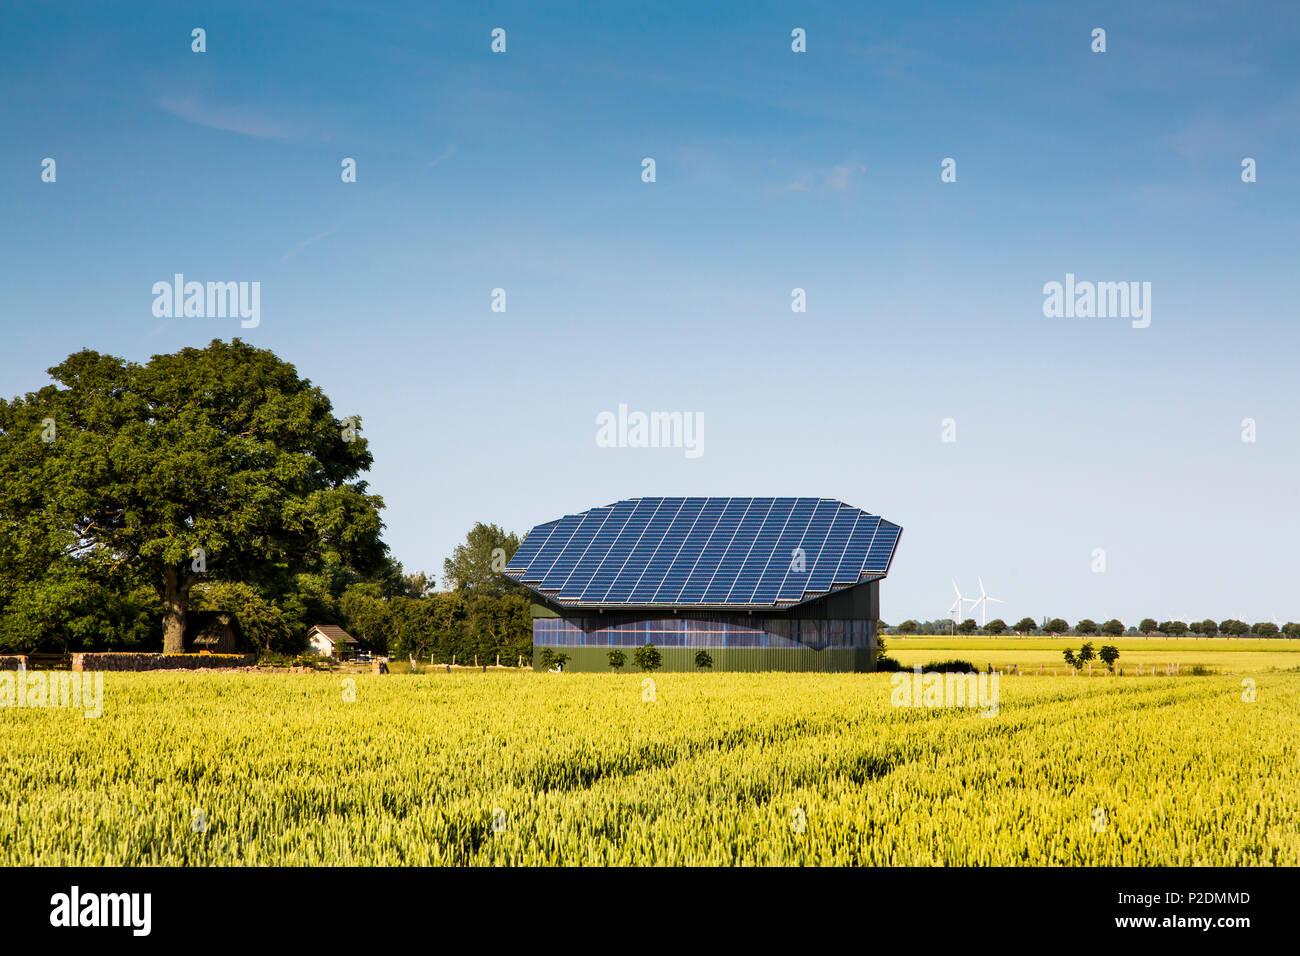 Sonnenkollektoren auf ein stabiles Dach, Ostsee, Schleswig-Holstein, Deutschland Stockbild